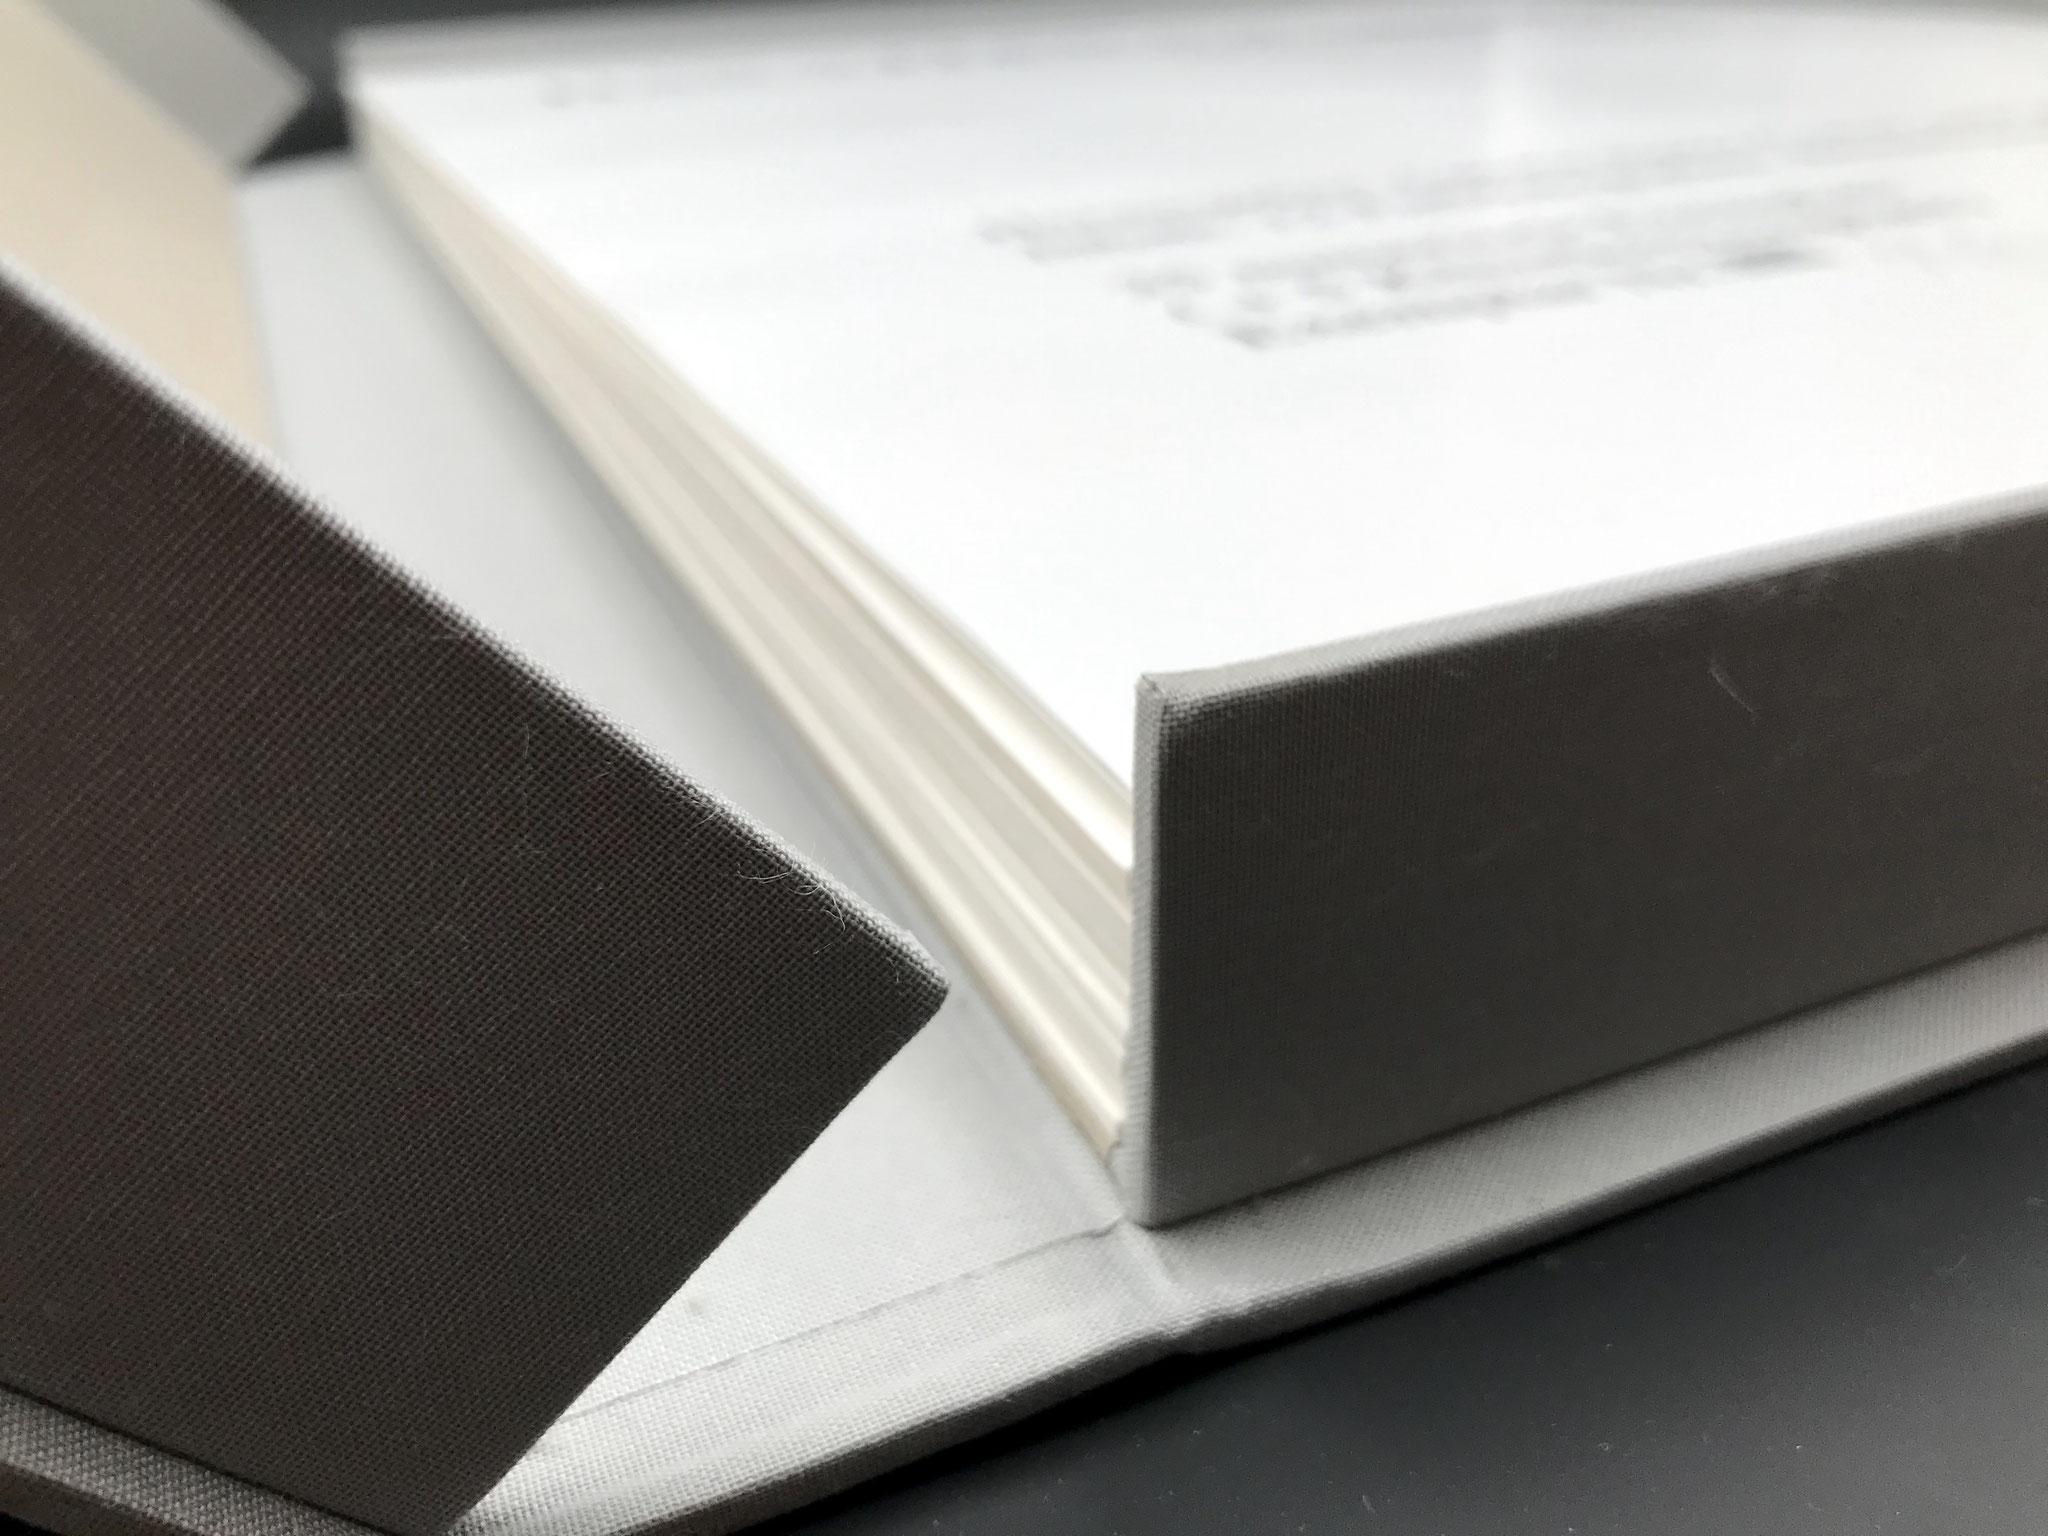 Guenter Brus Edition Set zum kaufen bei Galerie Krinzinger